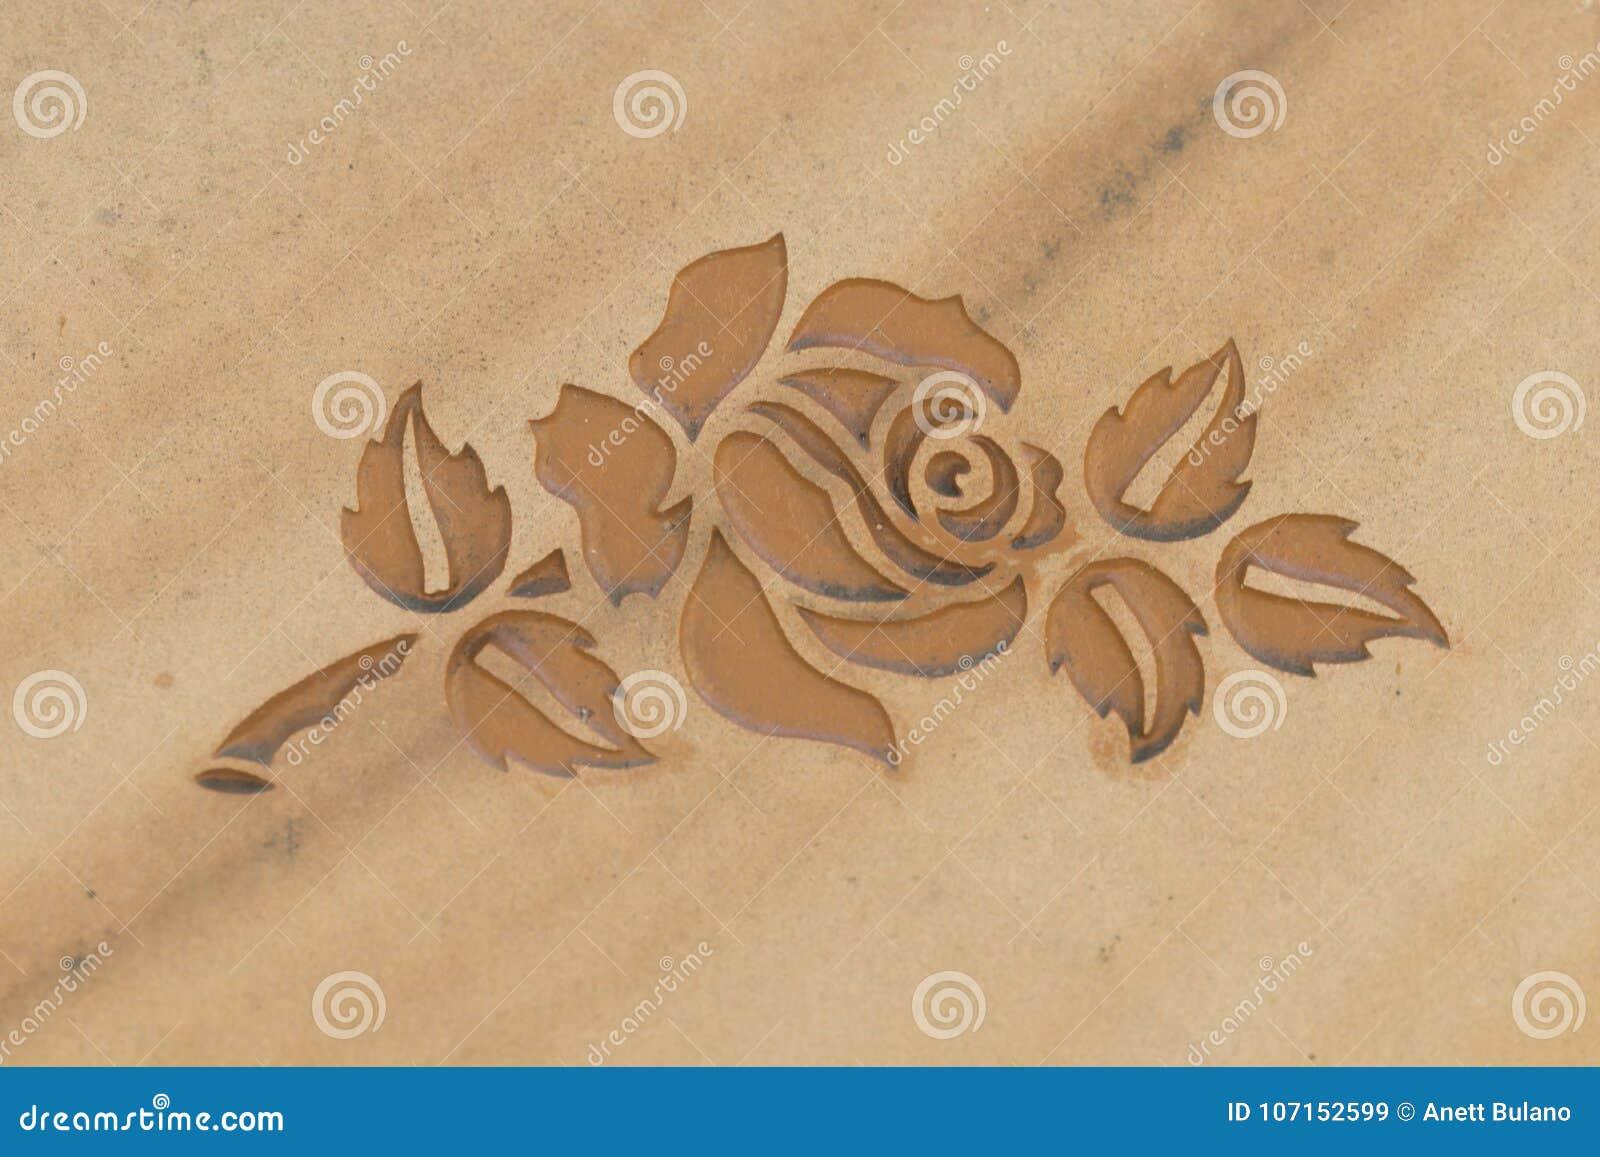 Rose Carved Into Stone Surface Stock Image Image Of Catholic